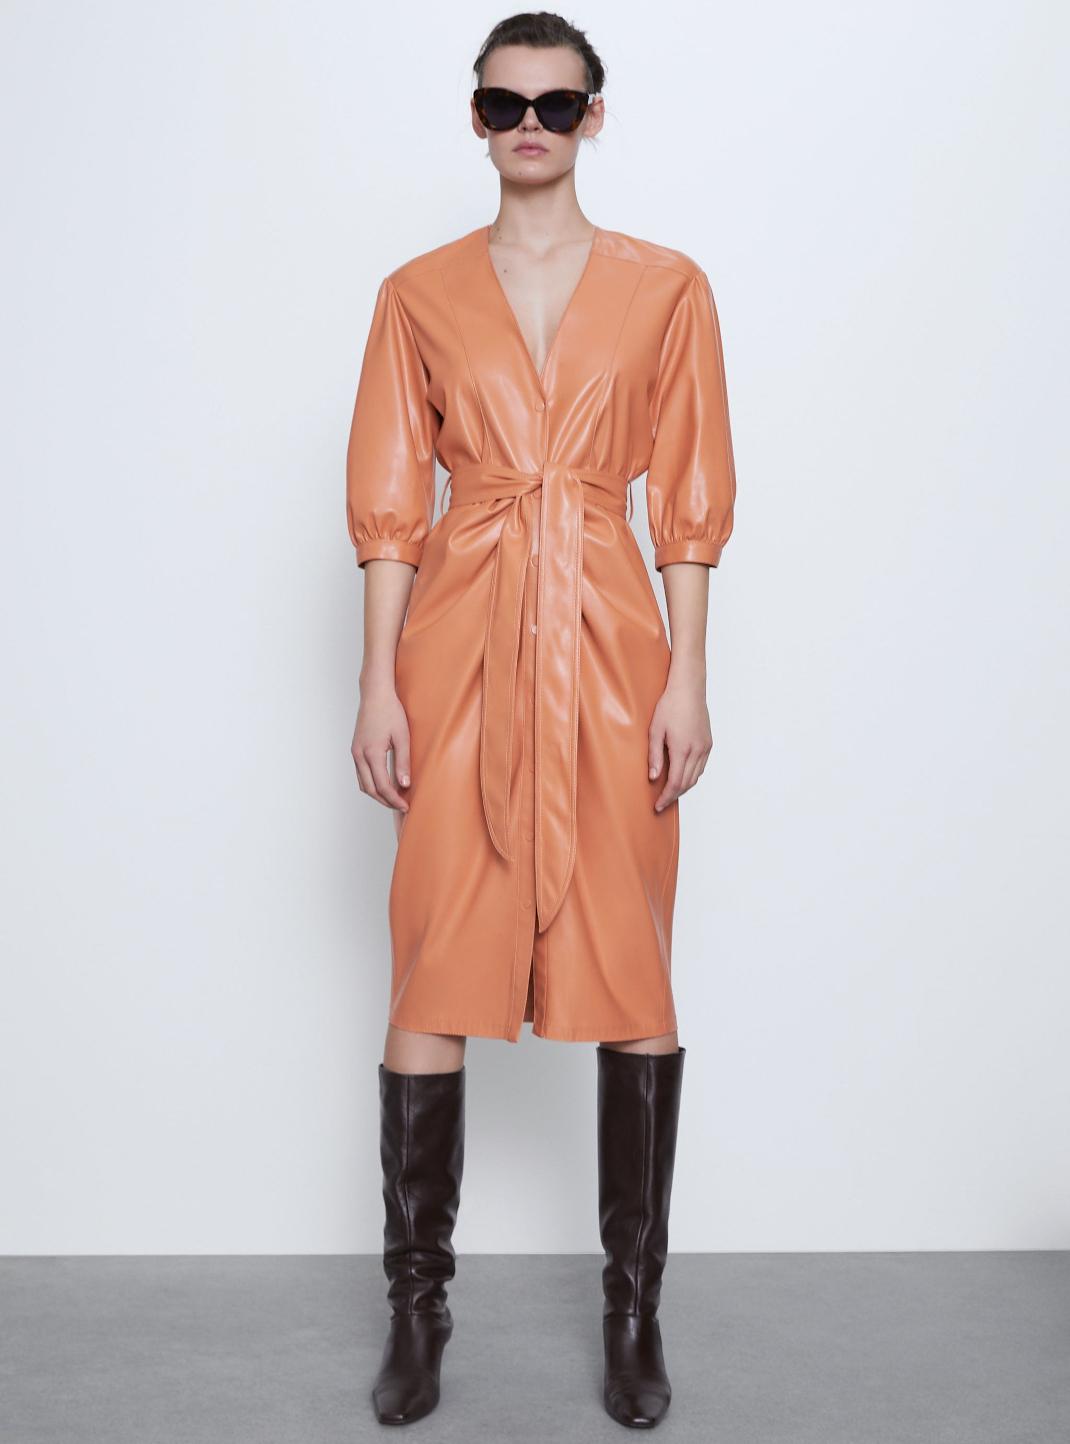 μοντέλο με παστέλ φόρεμα Zara